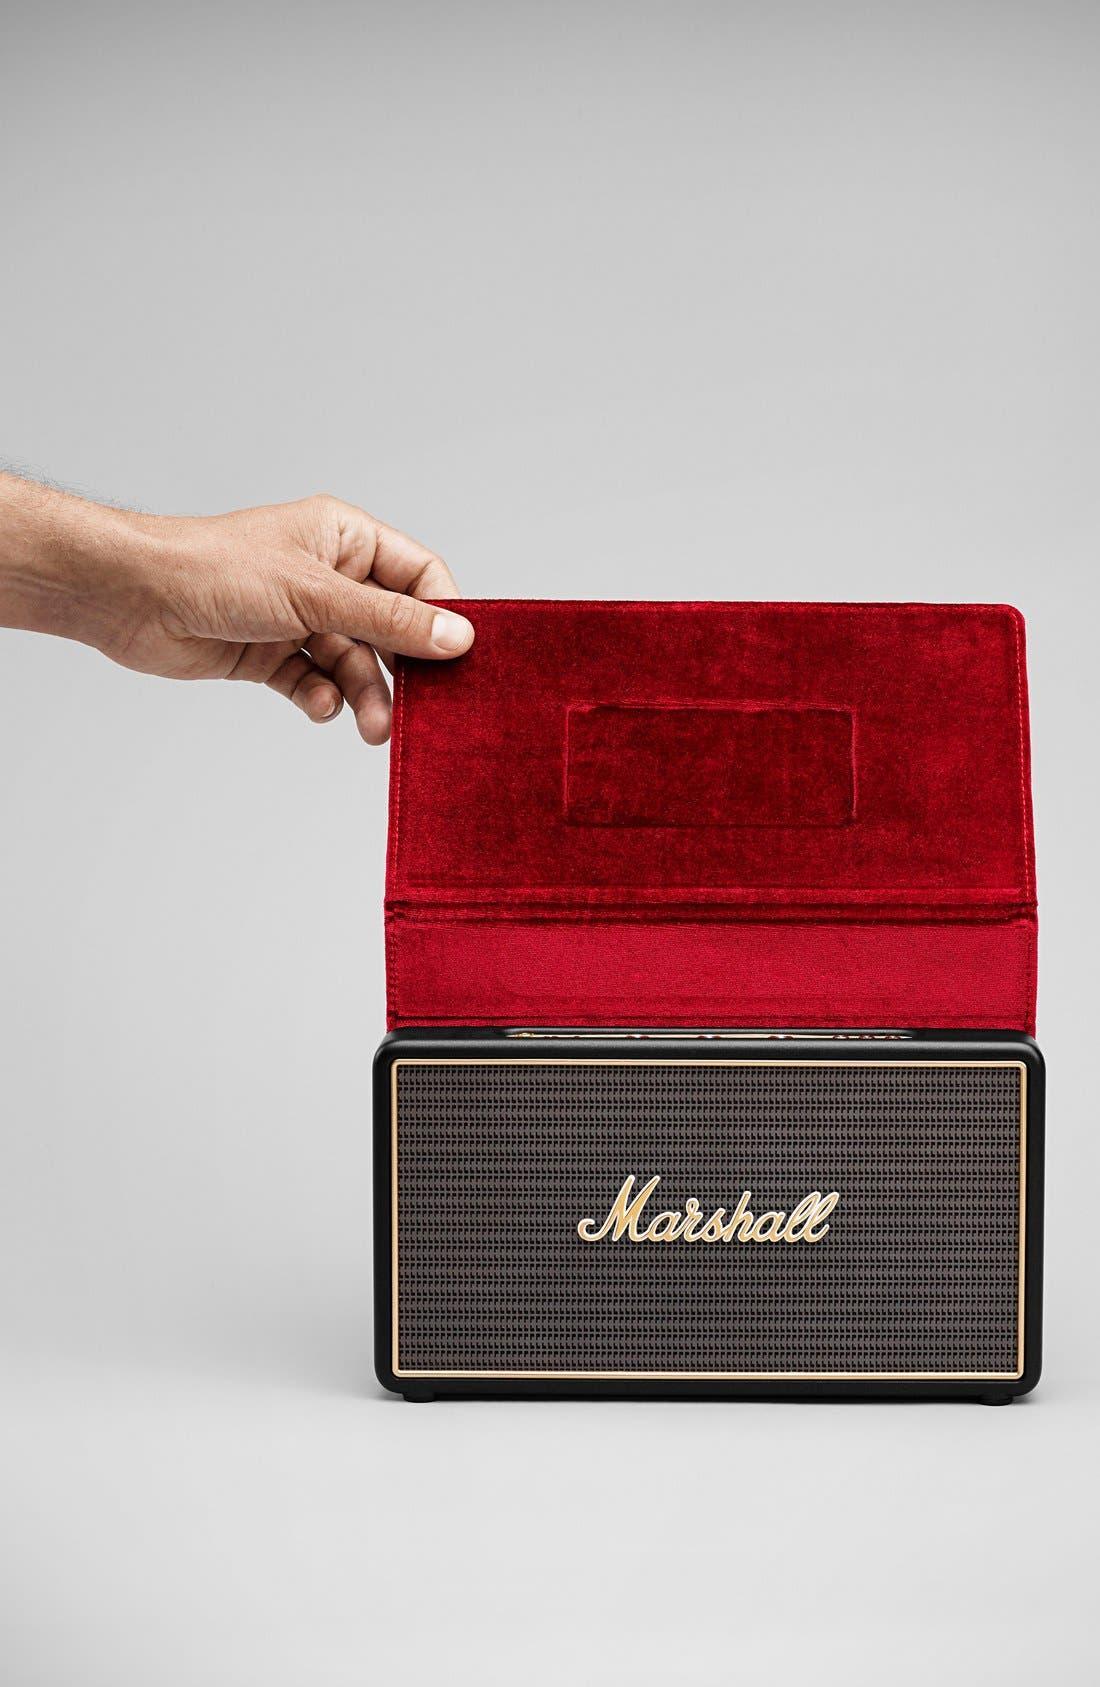 Marshall 'Stockwell' Bluetooth® Speaker